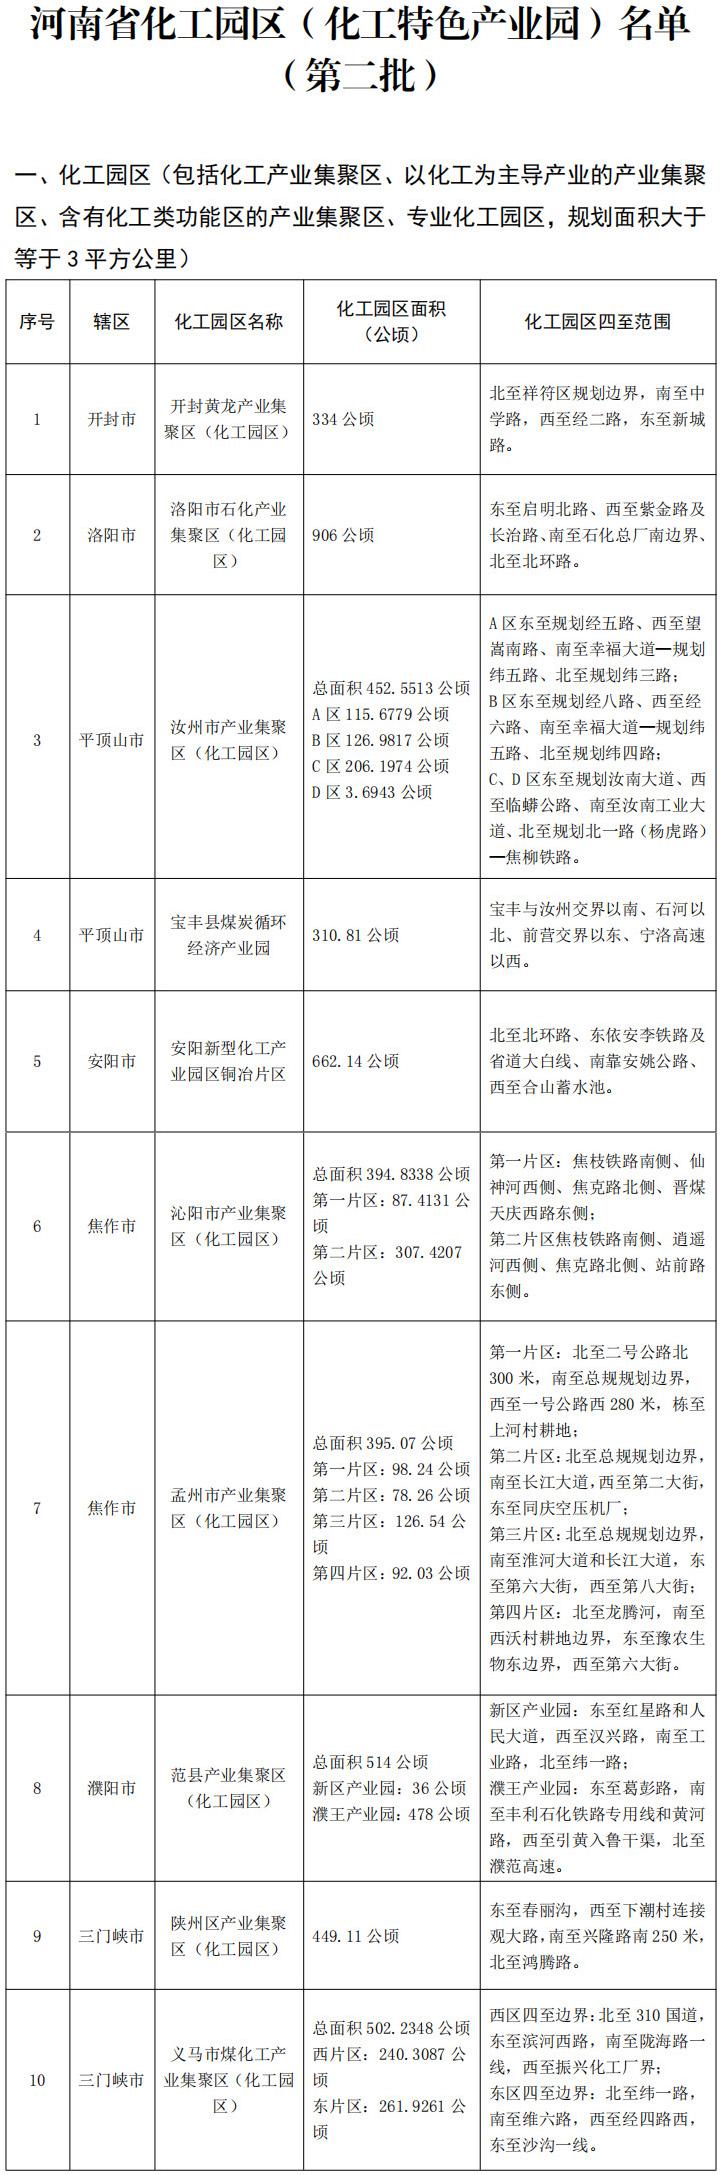 关于河南省化工园区名单(第二批)的公示